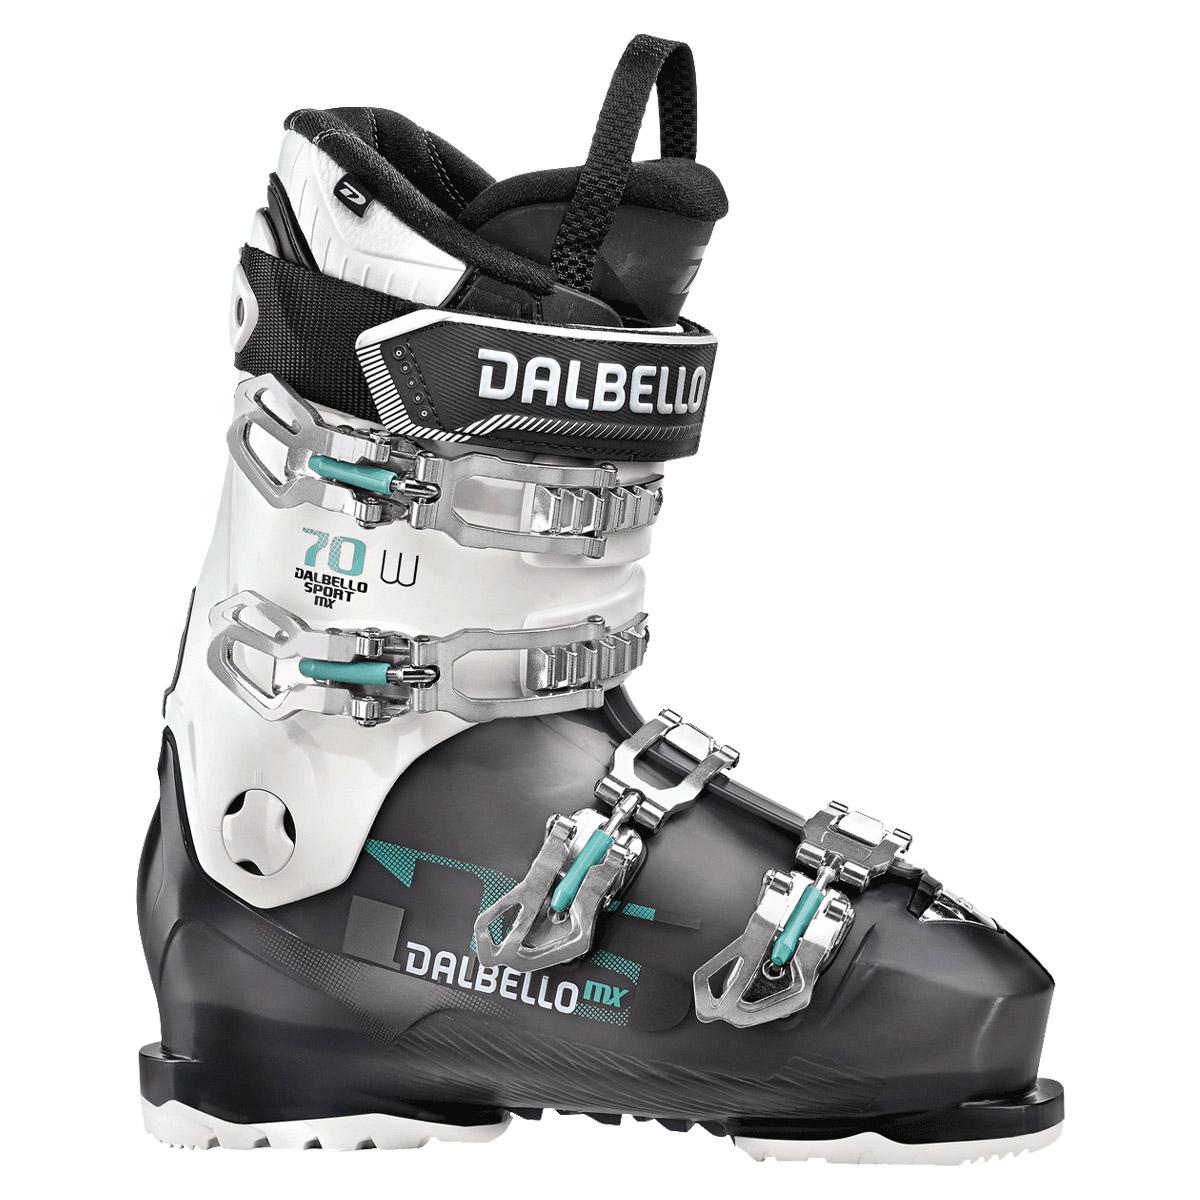 Scarponi sci Dalbello Ds Mx 100 (Colore: Black, Taglia: 27.5)